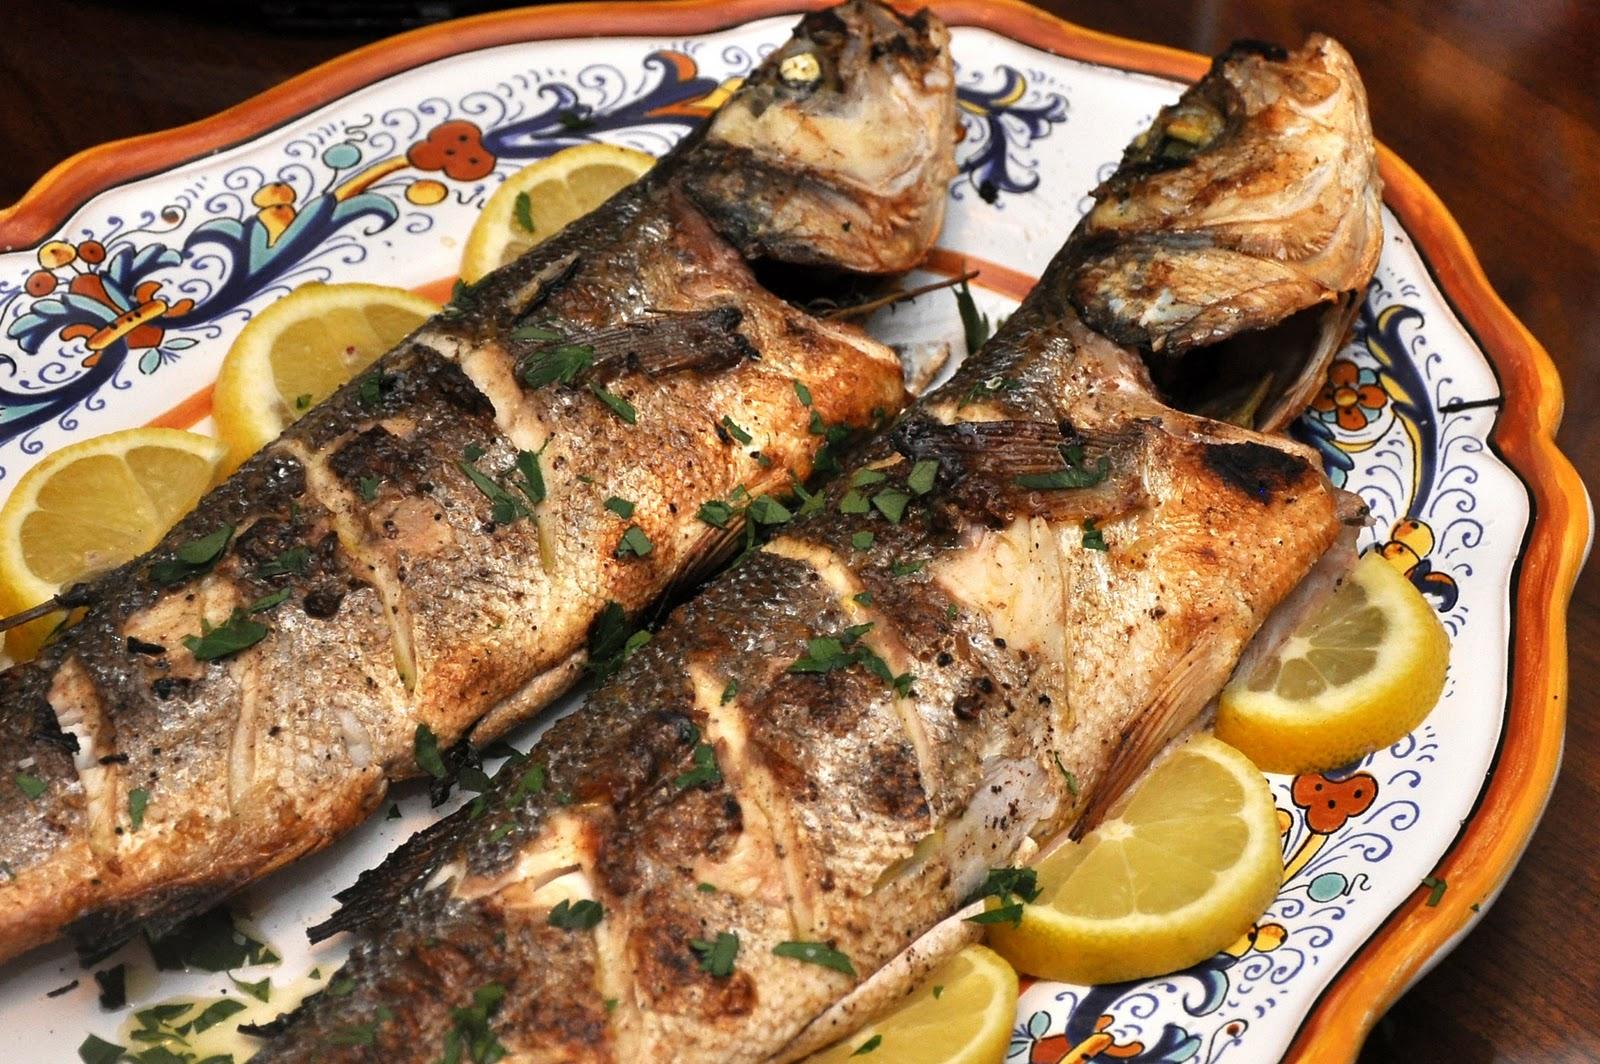 Memorie di angelina pesce alla griglia for Cooking fish on the grill